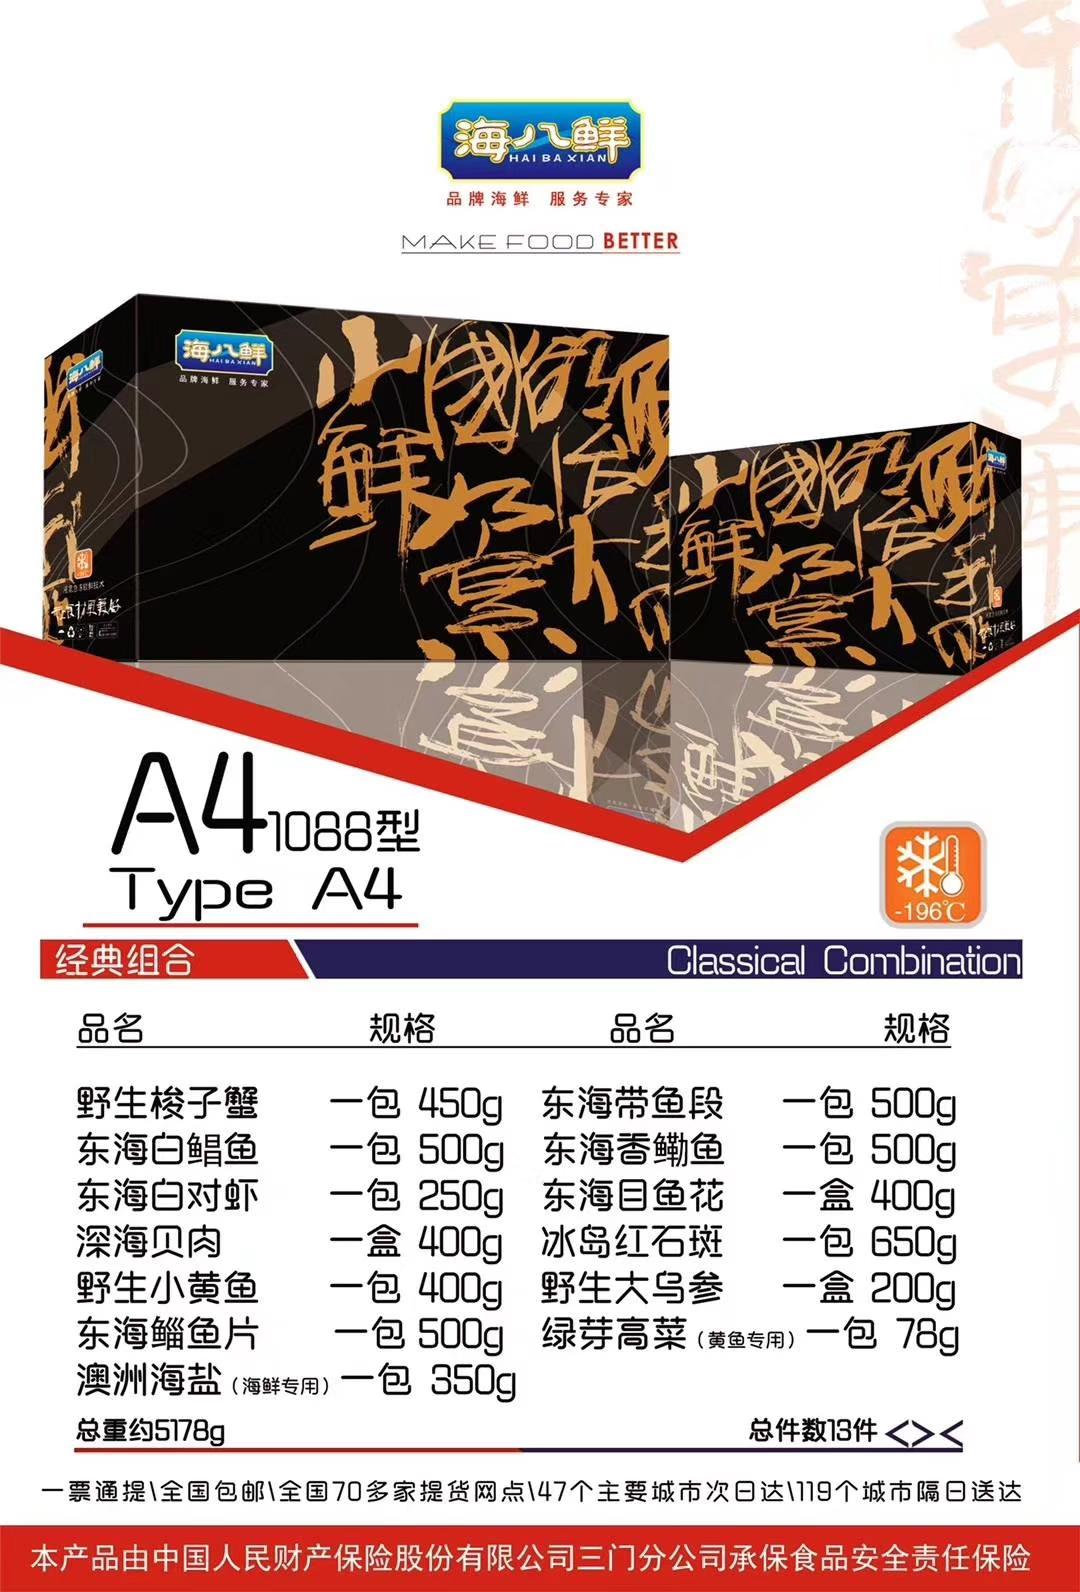 2019年 海八鲜大礼包 A41088型 年货送礼礼盒 海鲜提货券 包邮